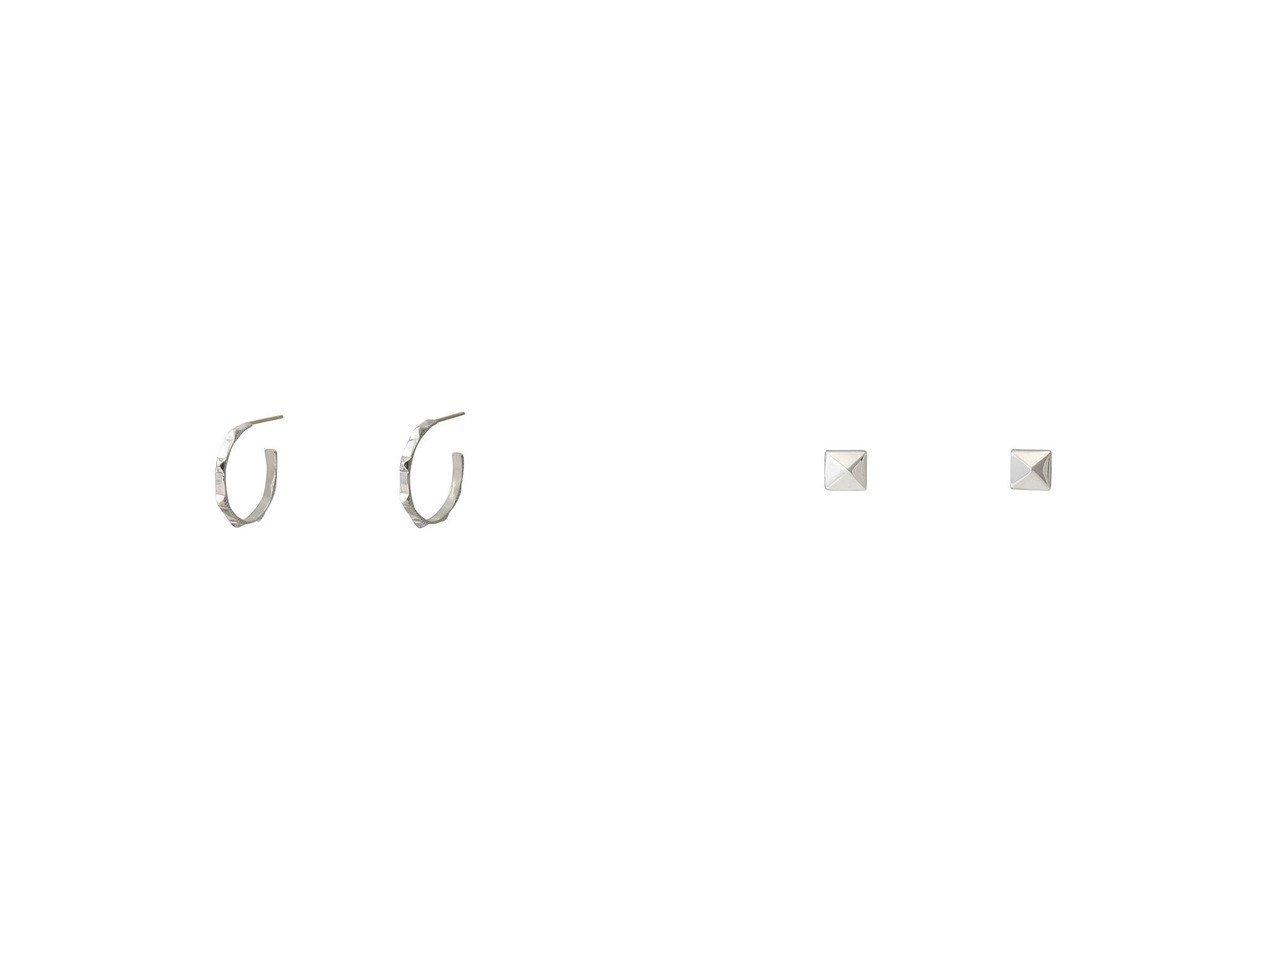 【KAORU/カオル】のSTUDS シルバーピアス&STUDS シルバーフープピアス M 【アクセサリー・ジュエリー】おすすめ!人気、トレンド・レディースファッションの通販 おすすめで人気の流行・トレンド、ファッションの通販商品 インテリア・家具・メンズファッション・キッズファッション・レディースファッション・服の通販 founy(ファニー) https://founy.com/ ファッション Fashion レディースファッション WOMEN ジュエリー Jewelry リング Rings イヤリング Earrings 2020年 2020 2020-2021秋冬・A/W AW・Autumn/Winter・FW・Fall-Winter/2020-2021 2021年 2021 2021-2022秋冬・A/W AW・Autumn/Winter・FW・Fall-Winter・2021-2022 A/W・秋冬 AW・Autumn/Winter・FW・Fall-Winter おすすめ Recommend イヤリング シンプル スタッズ セットアップ |ID:crp329100000061812